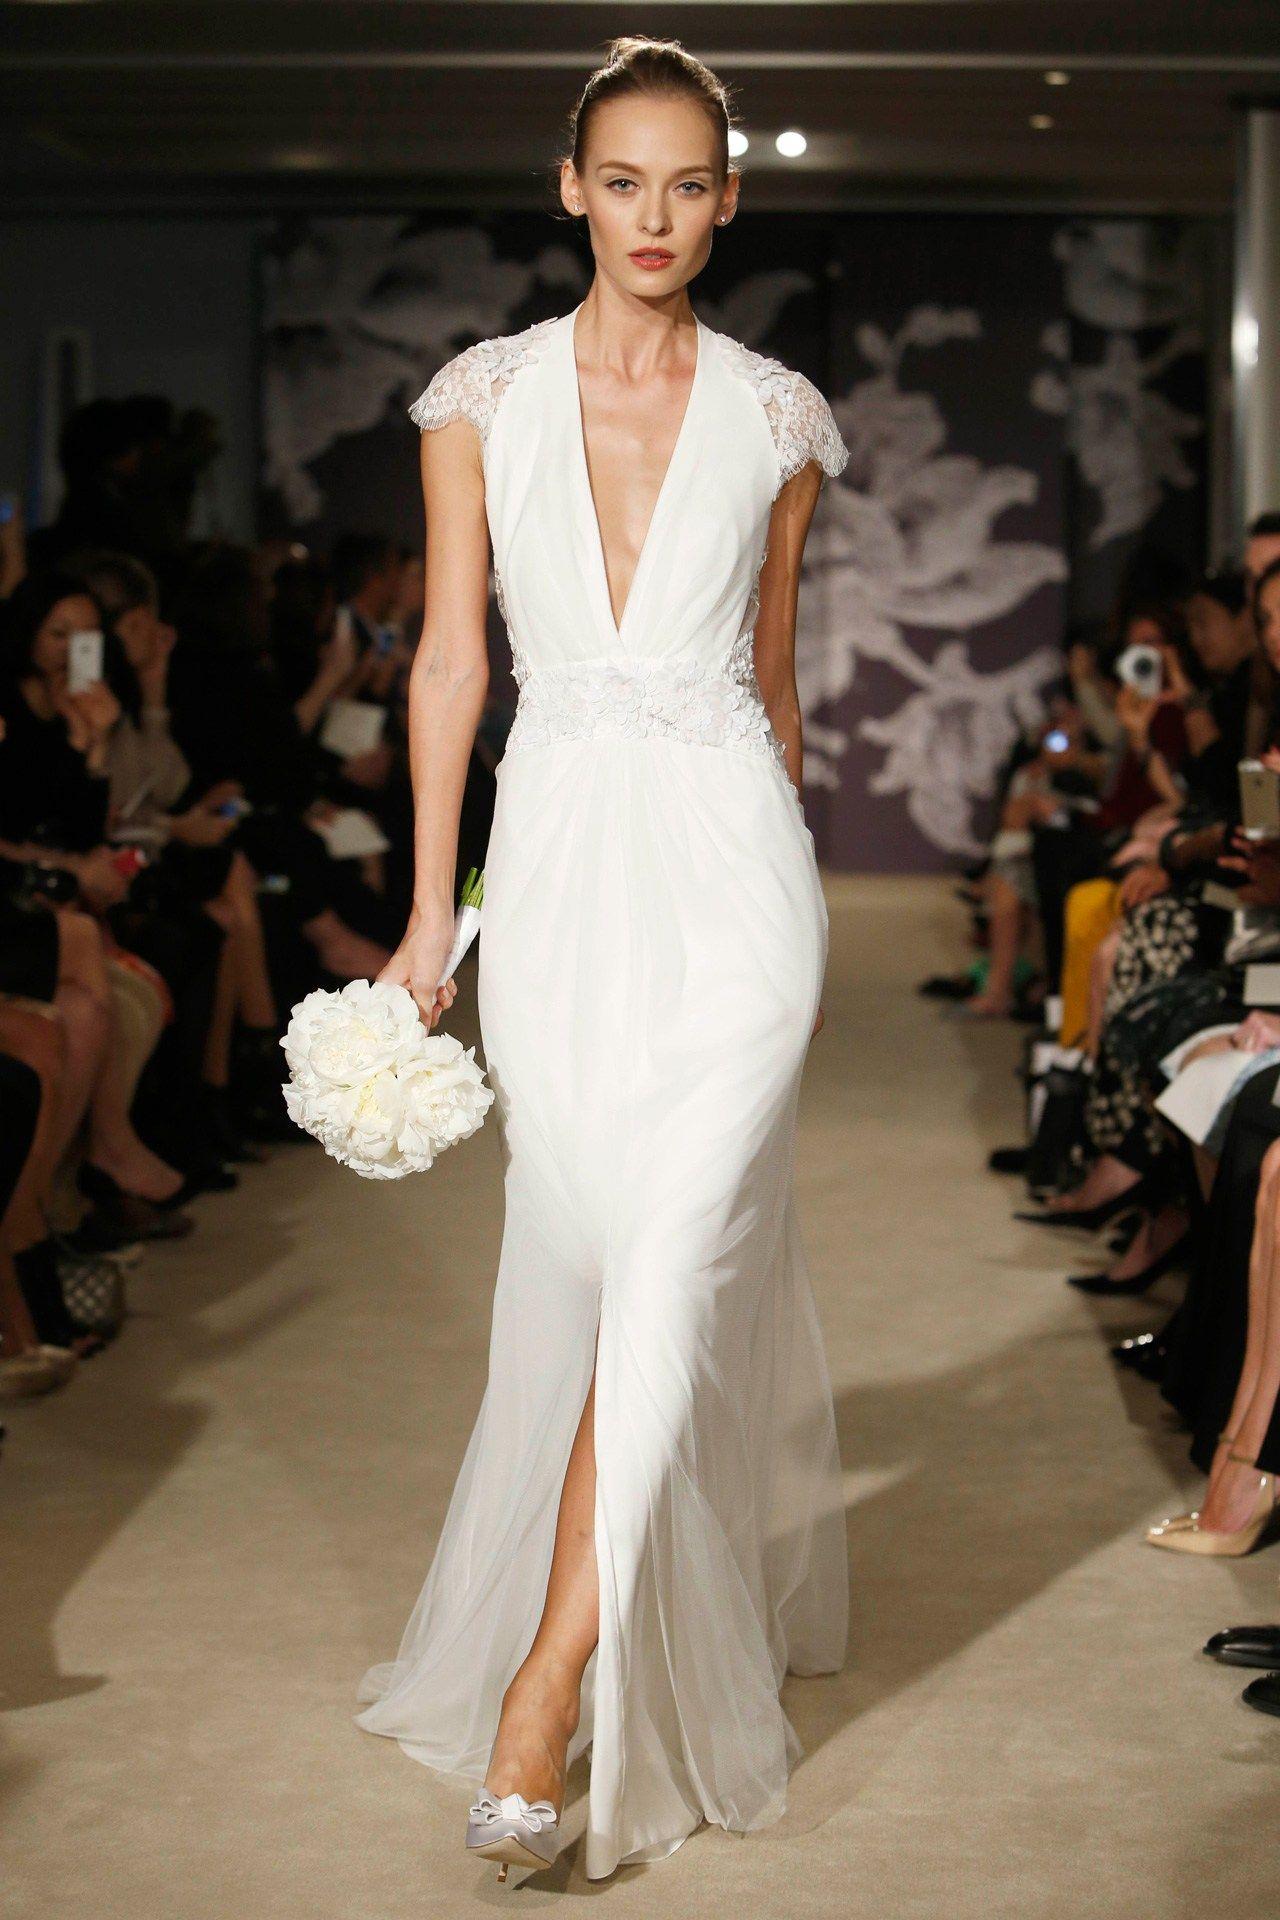 Wedding Dresses 2015 Bridal Trends UK (BridesMagazine.co.uk ...